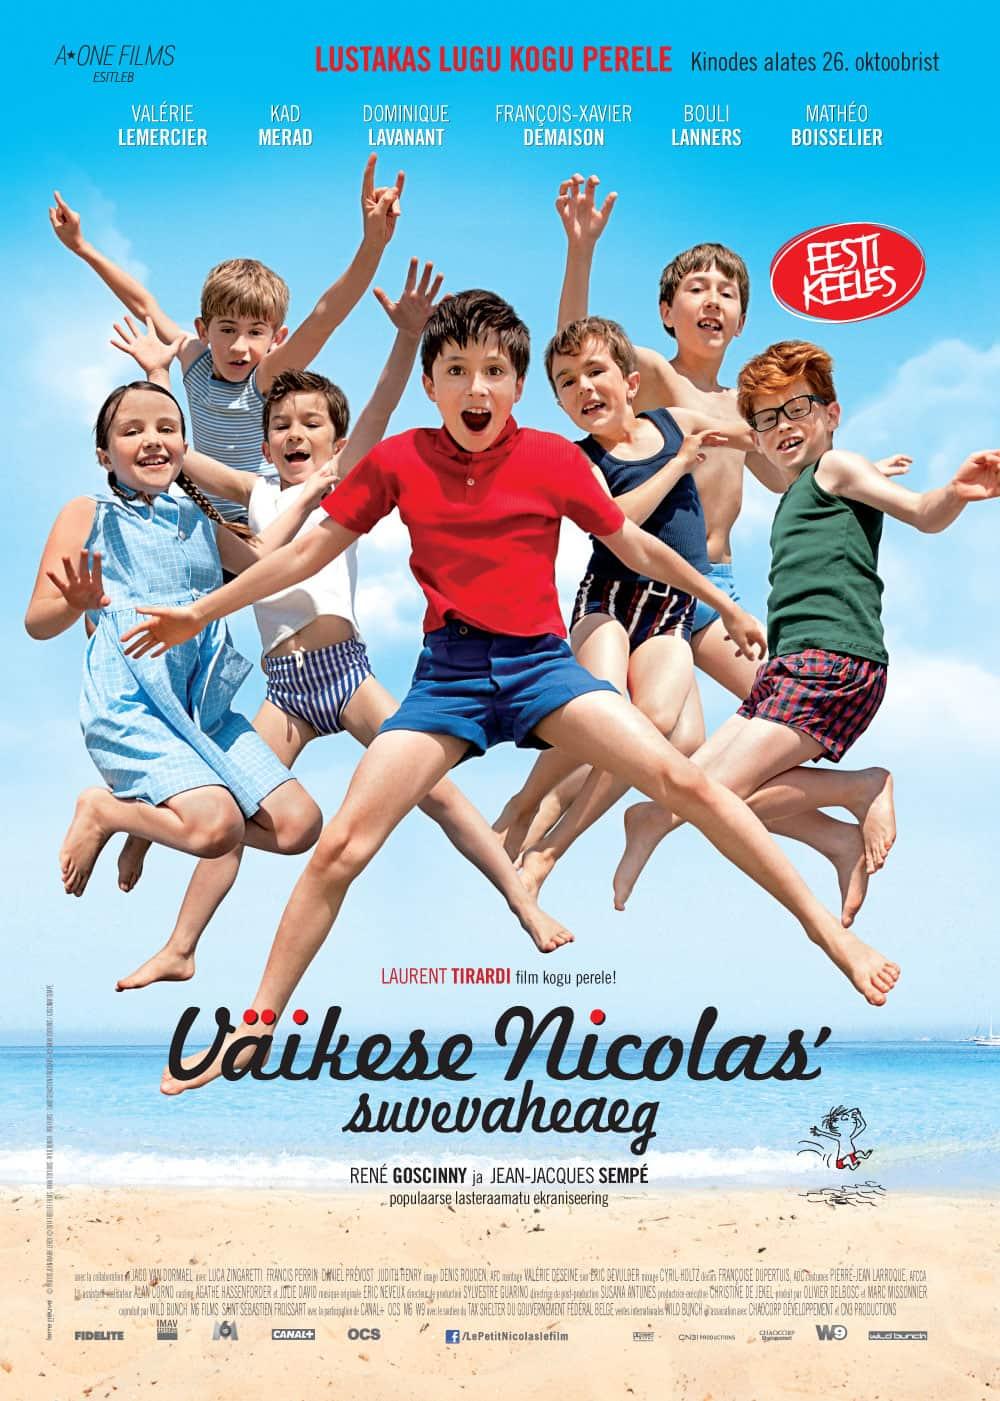 Nicolas_poster_EST (2)